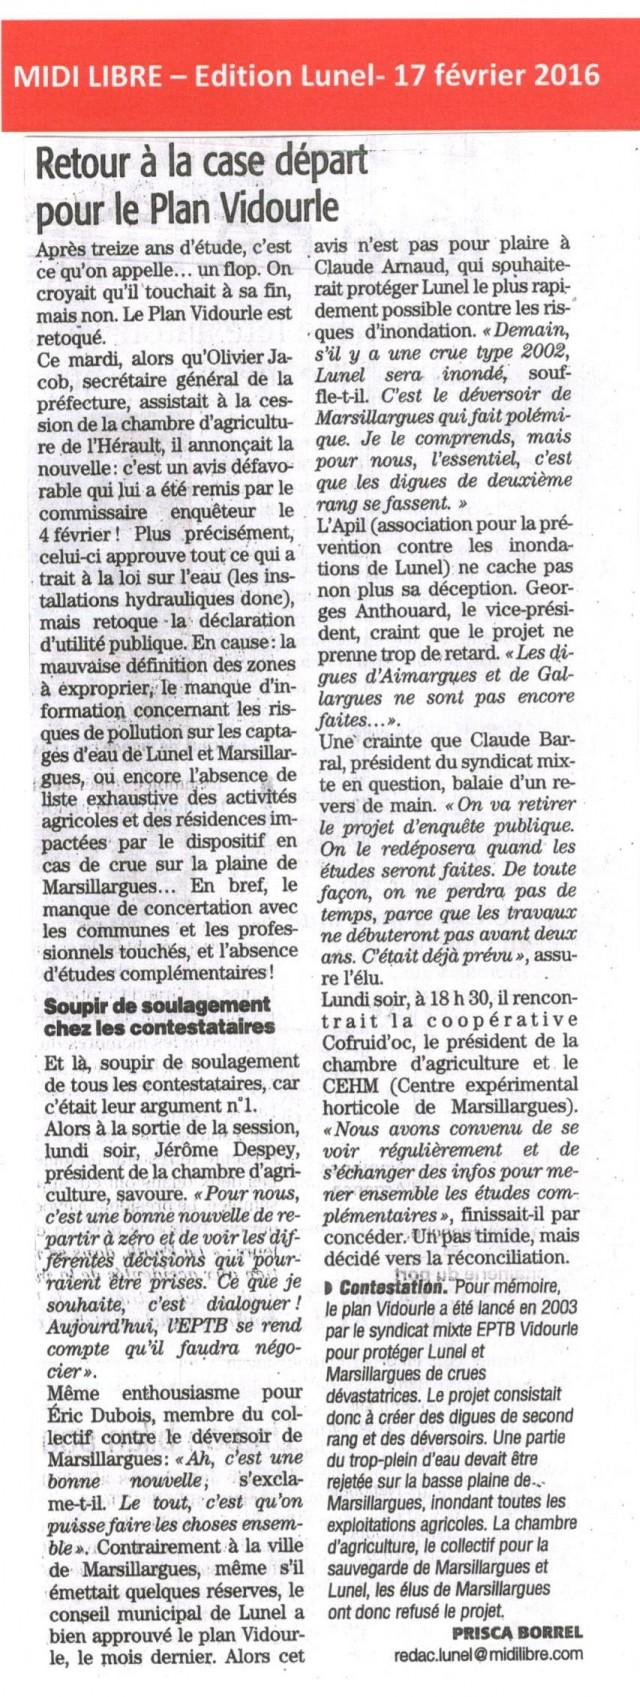 11 - Midi Libre - 17 février 2016